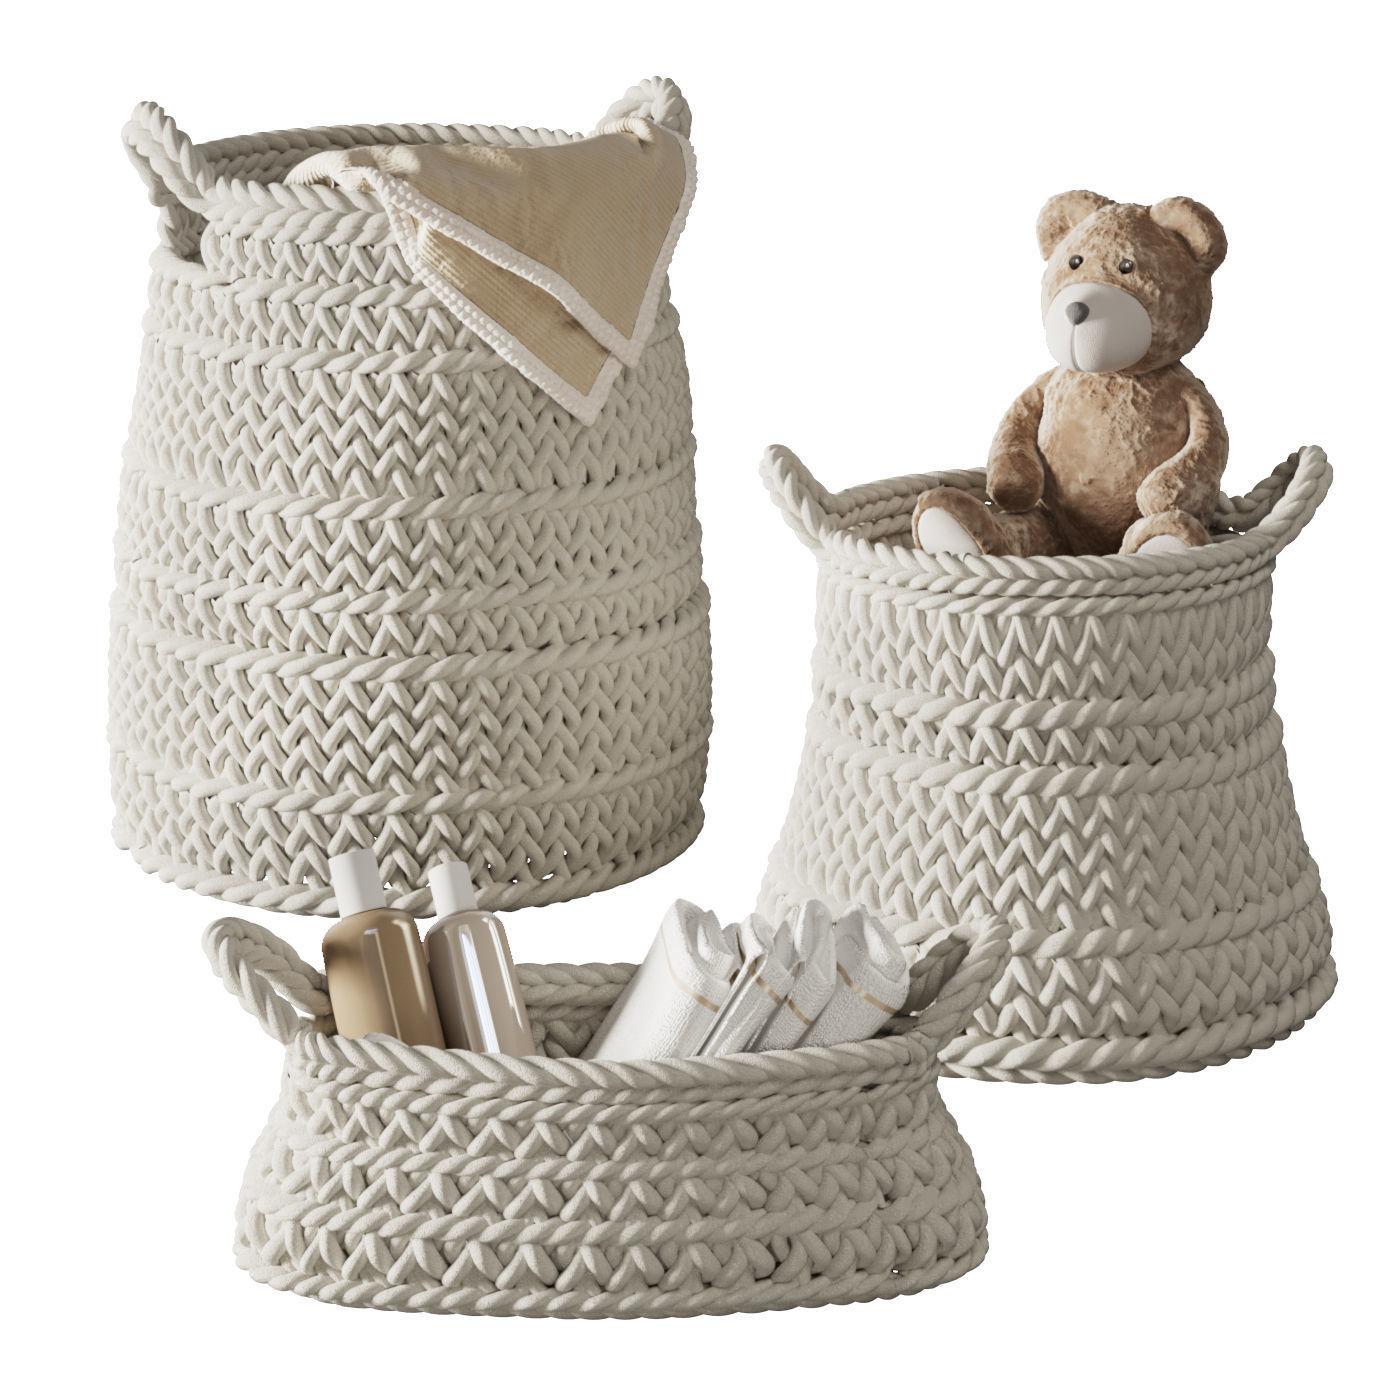 Pottery Barn Ivory Chunky Knit Nursery Storage